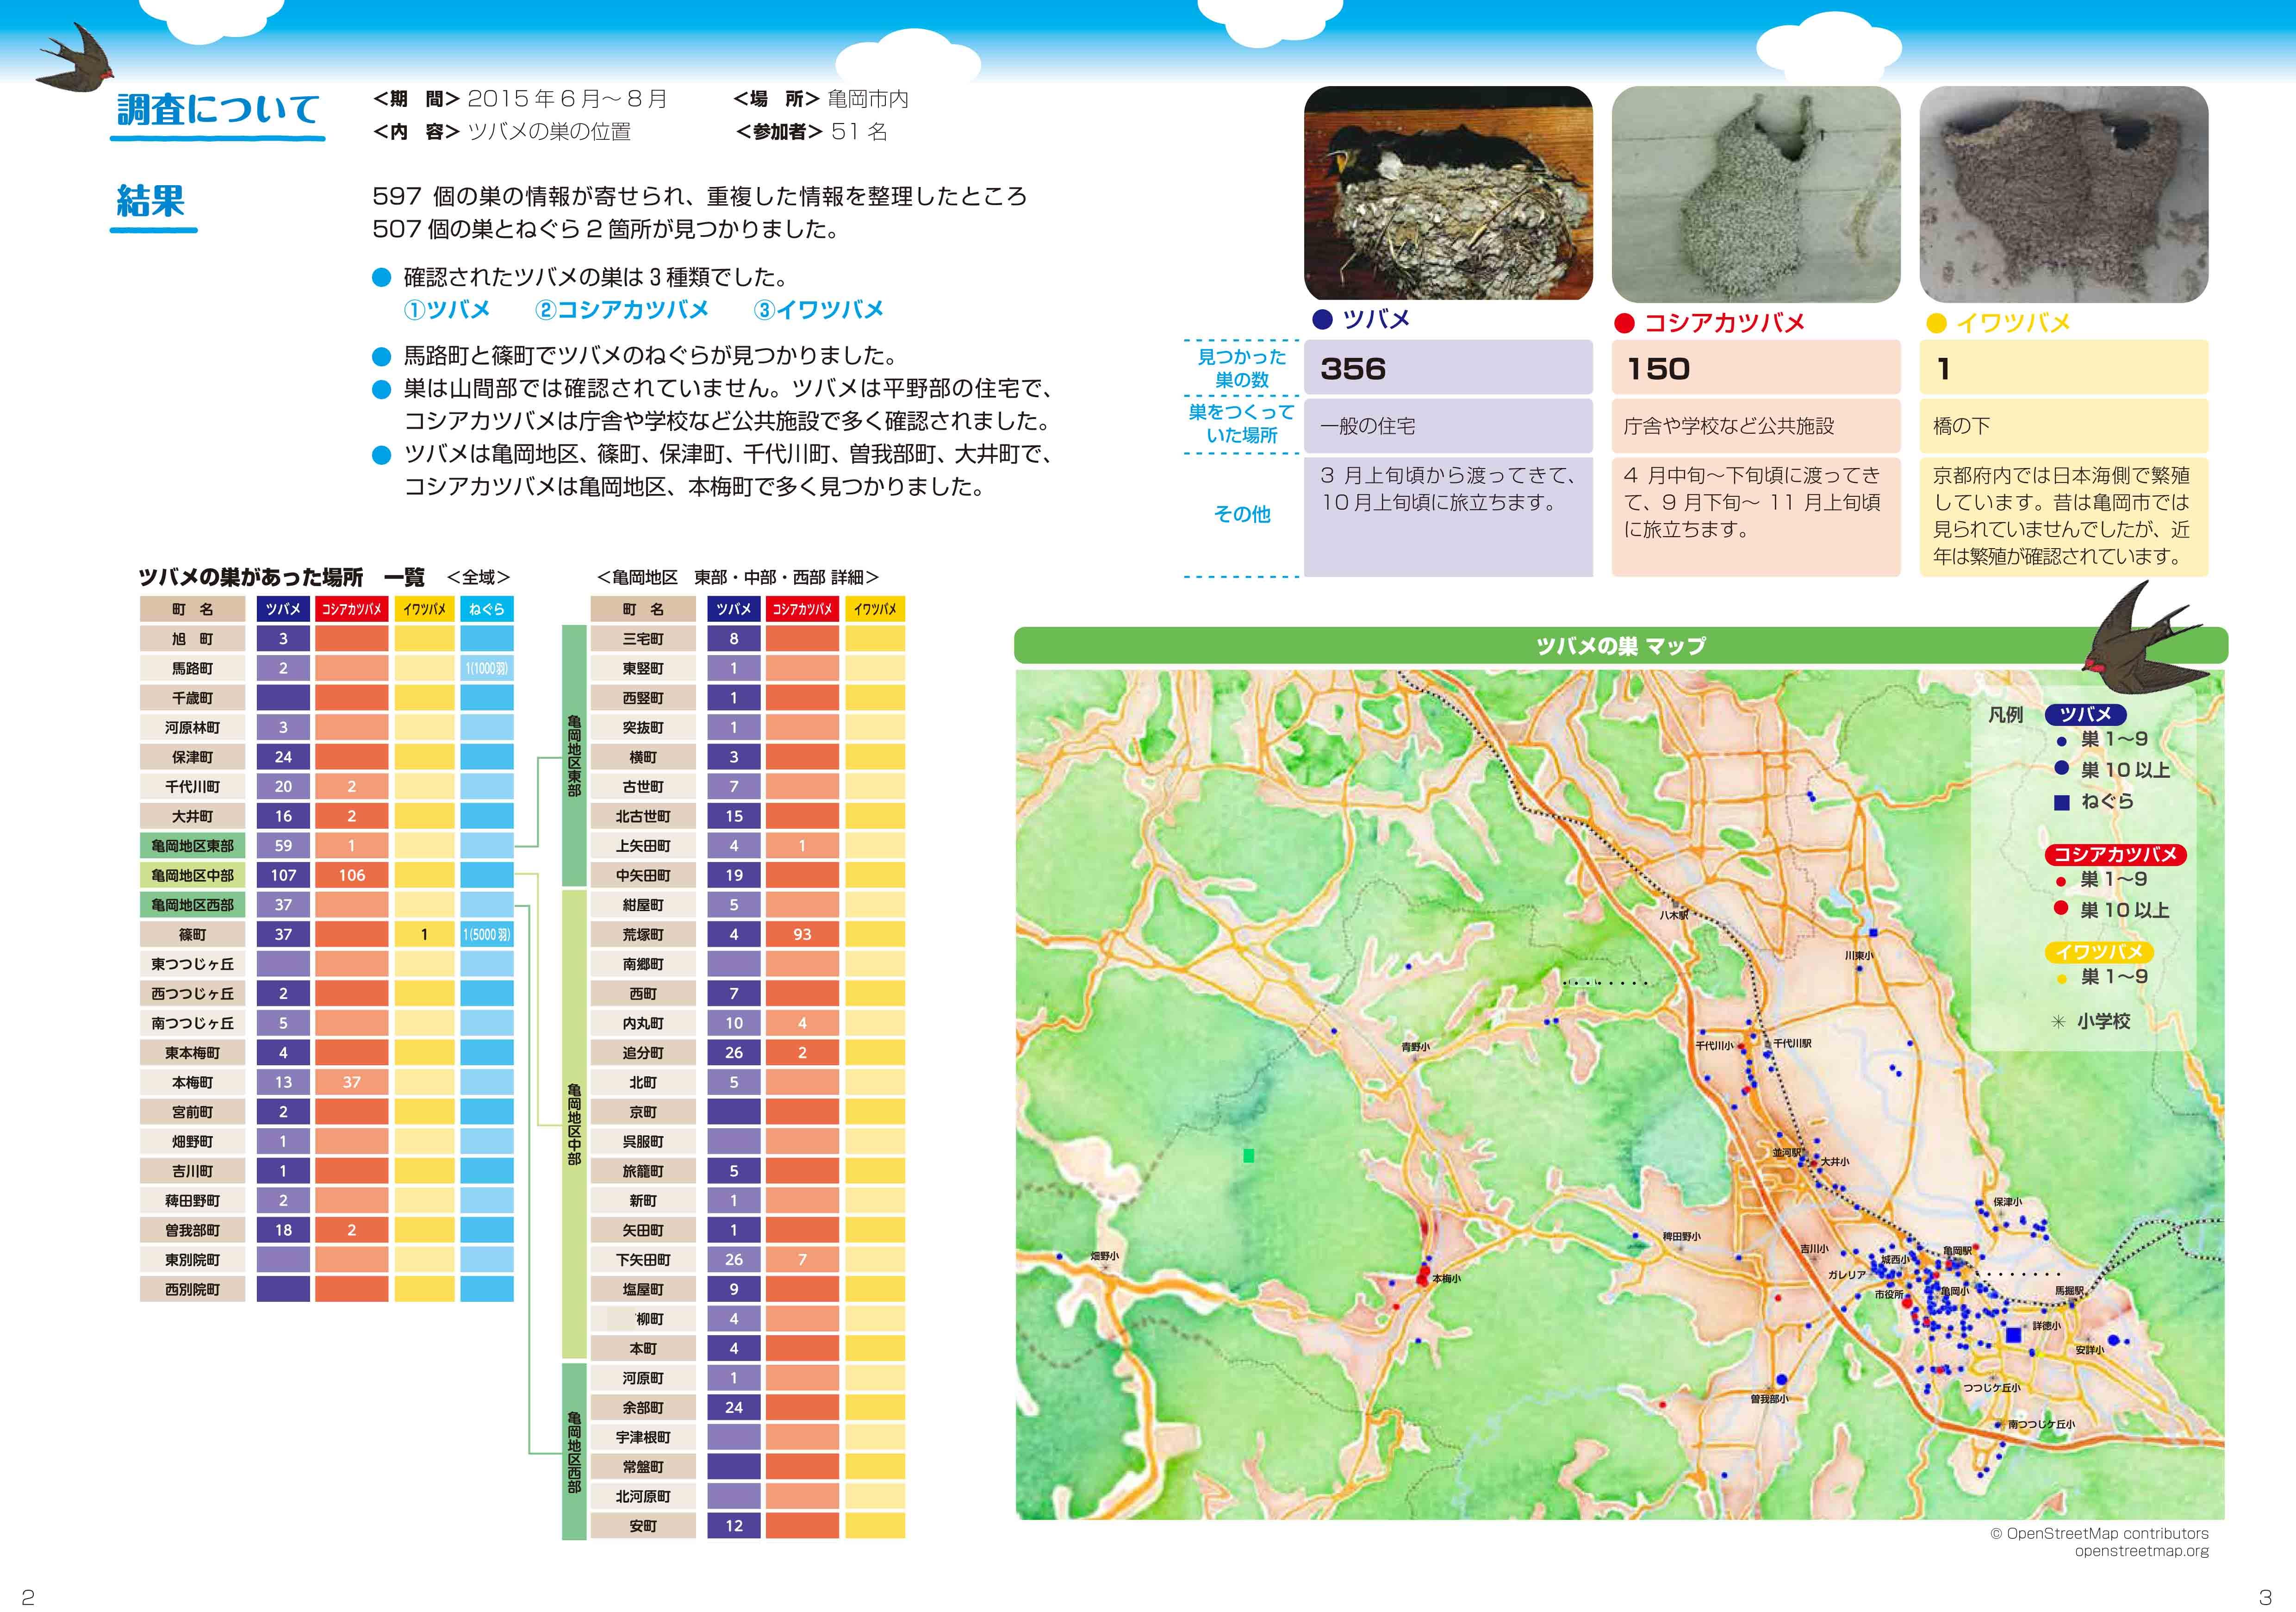 亀岡ツバメ調査2015結果(結果ページ)